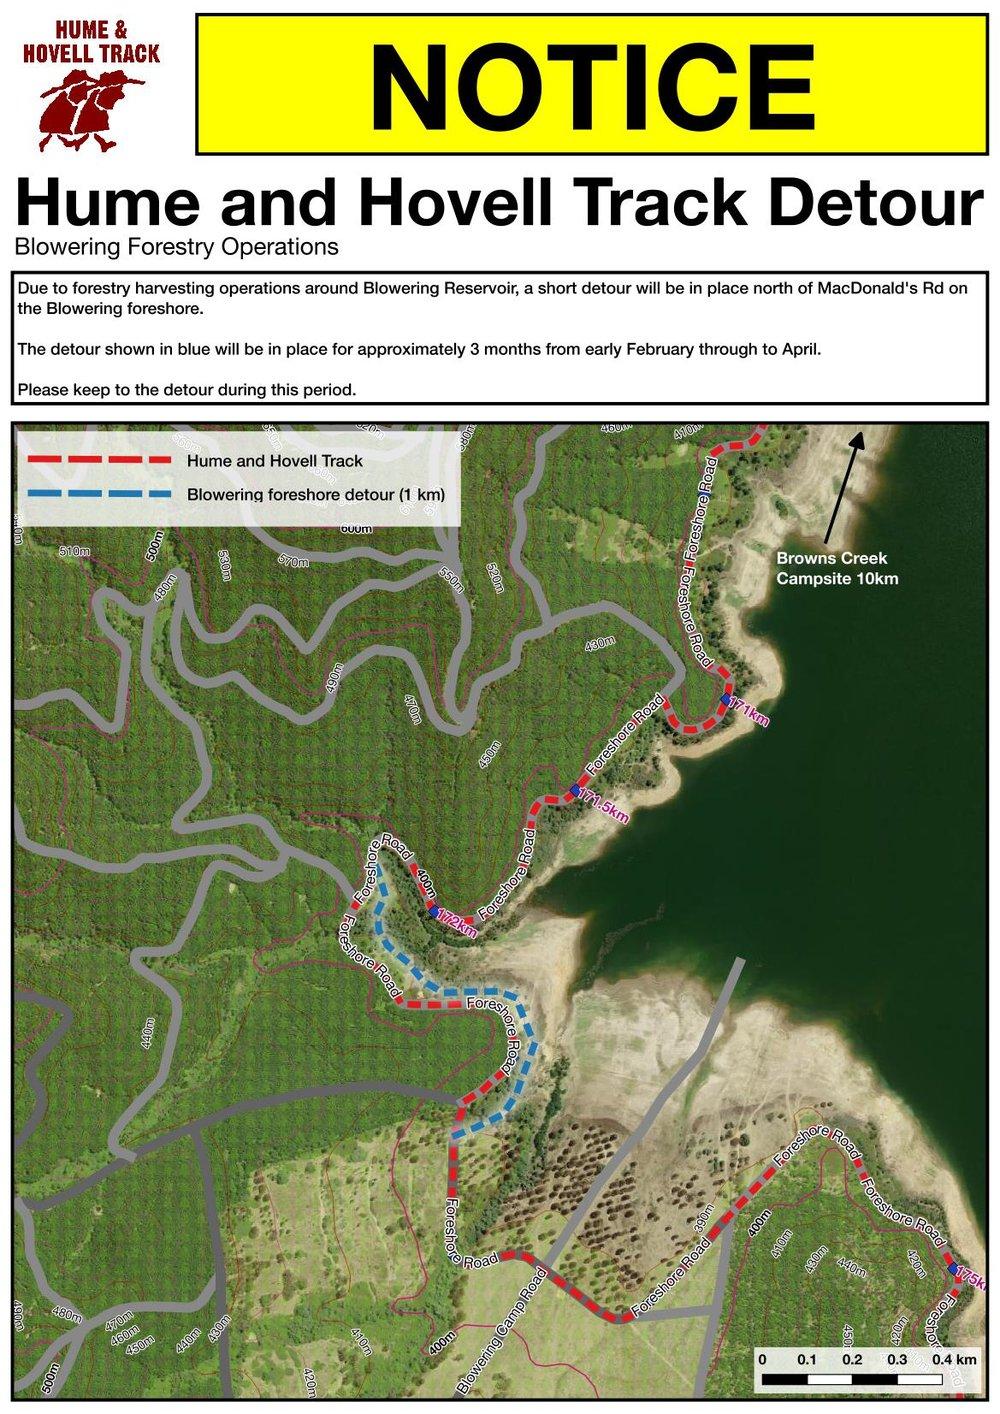 180131 Blowering Detour Map Rev B.jpg